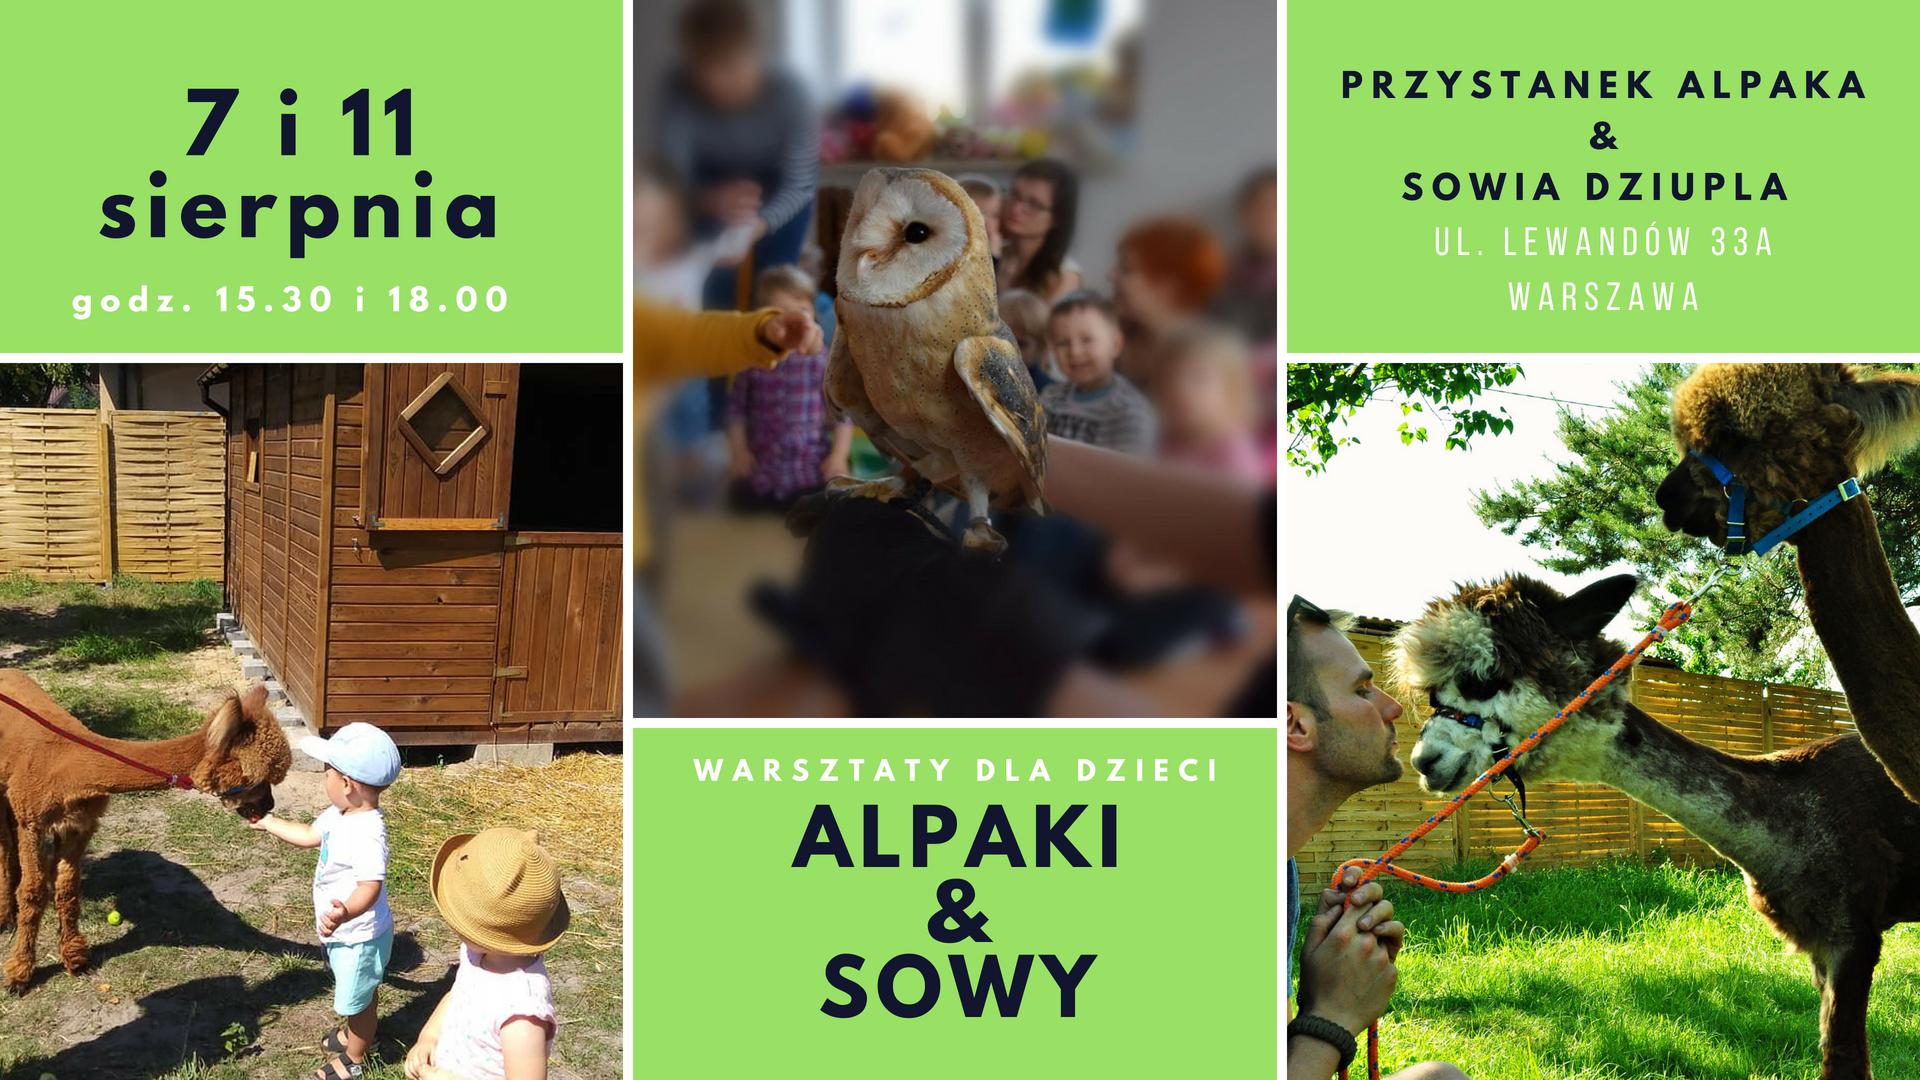 Warsztaty dla dzieci Alpaki & Sowy